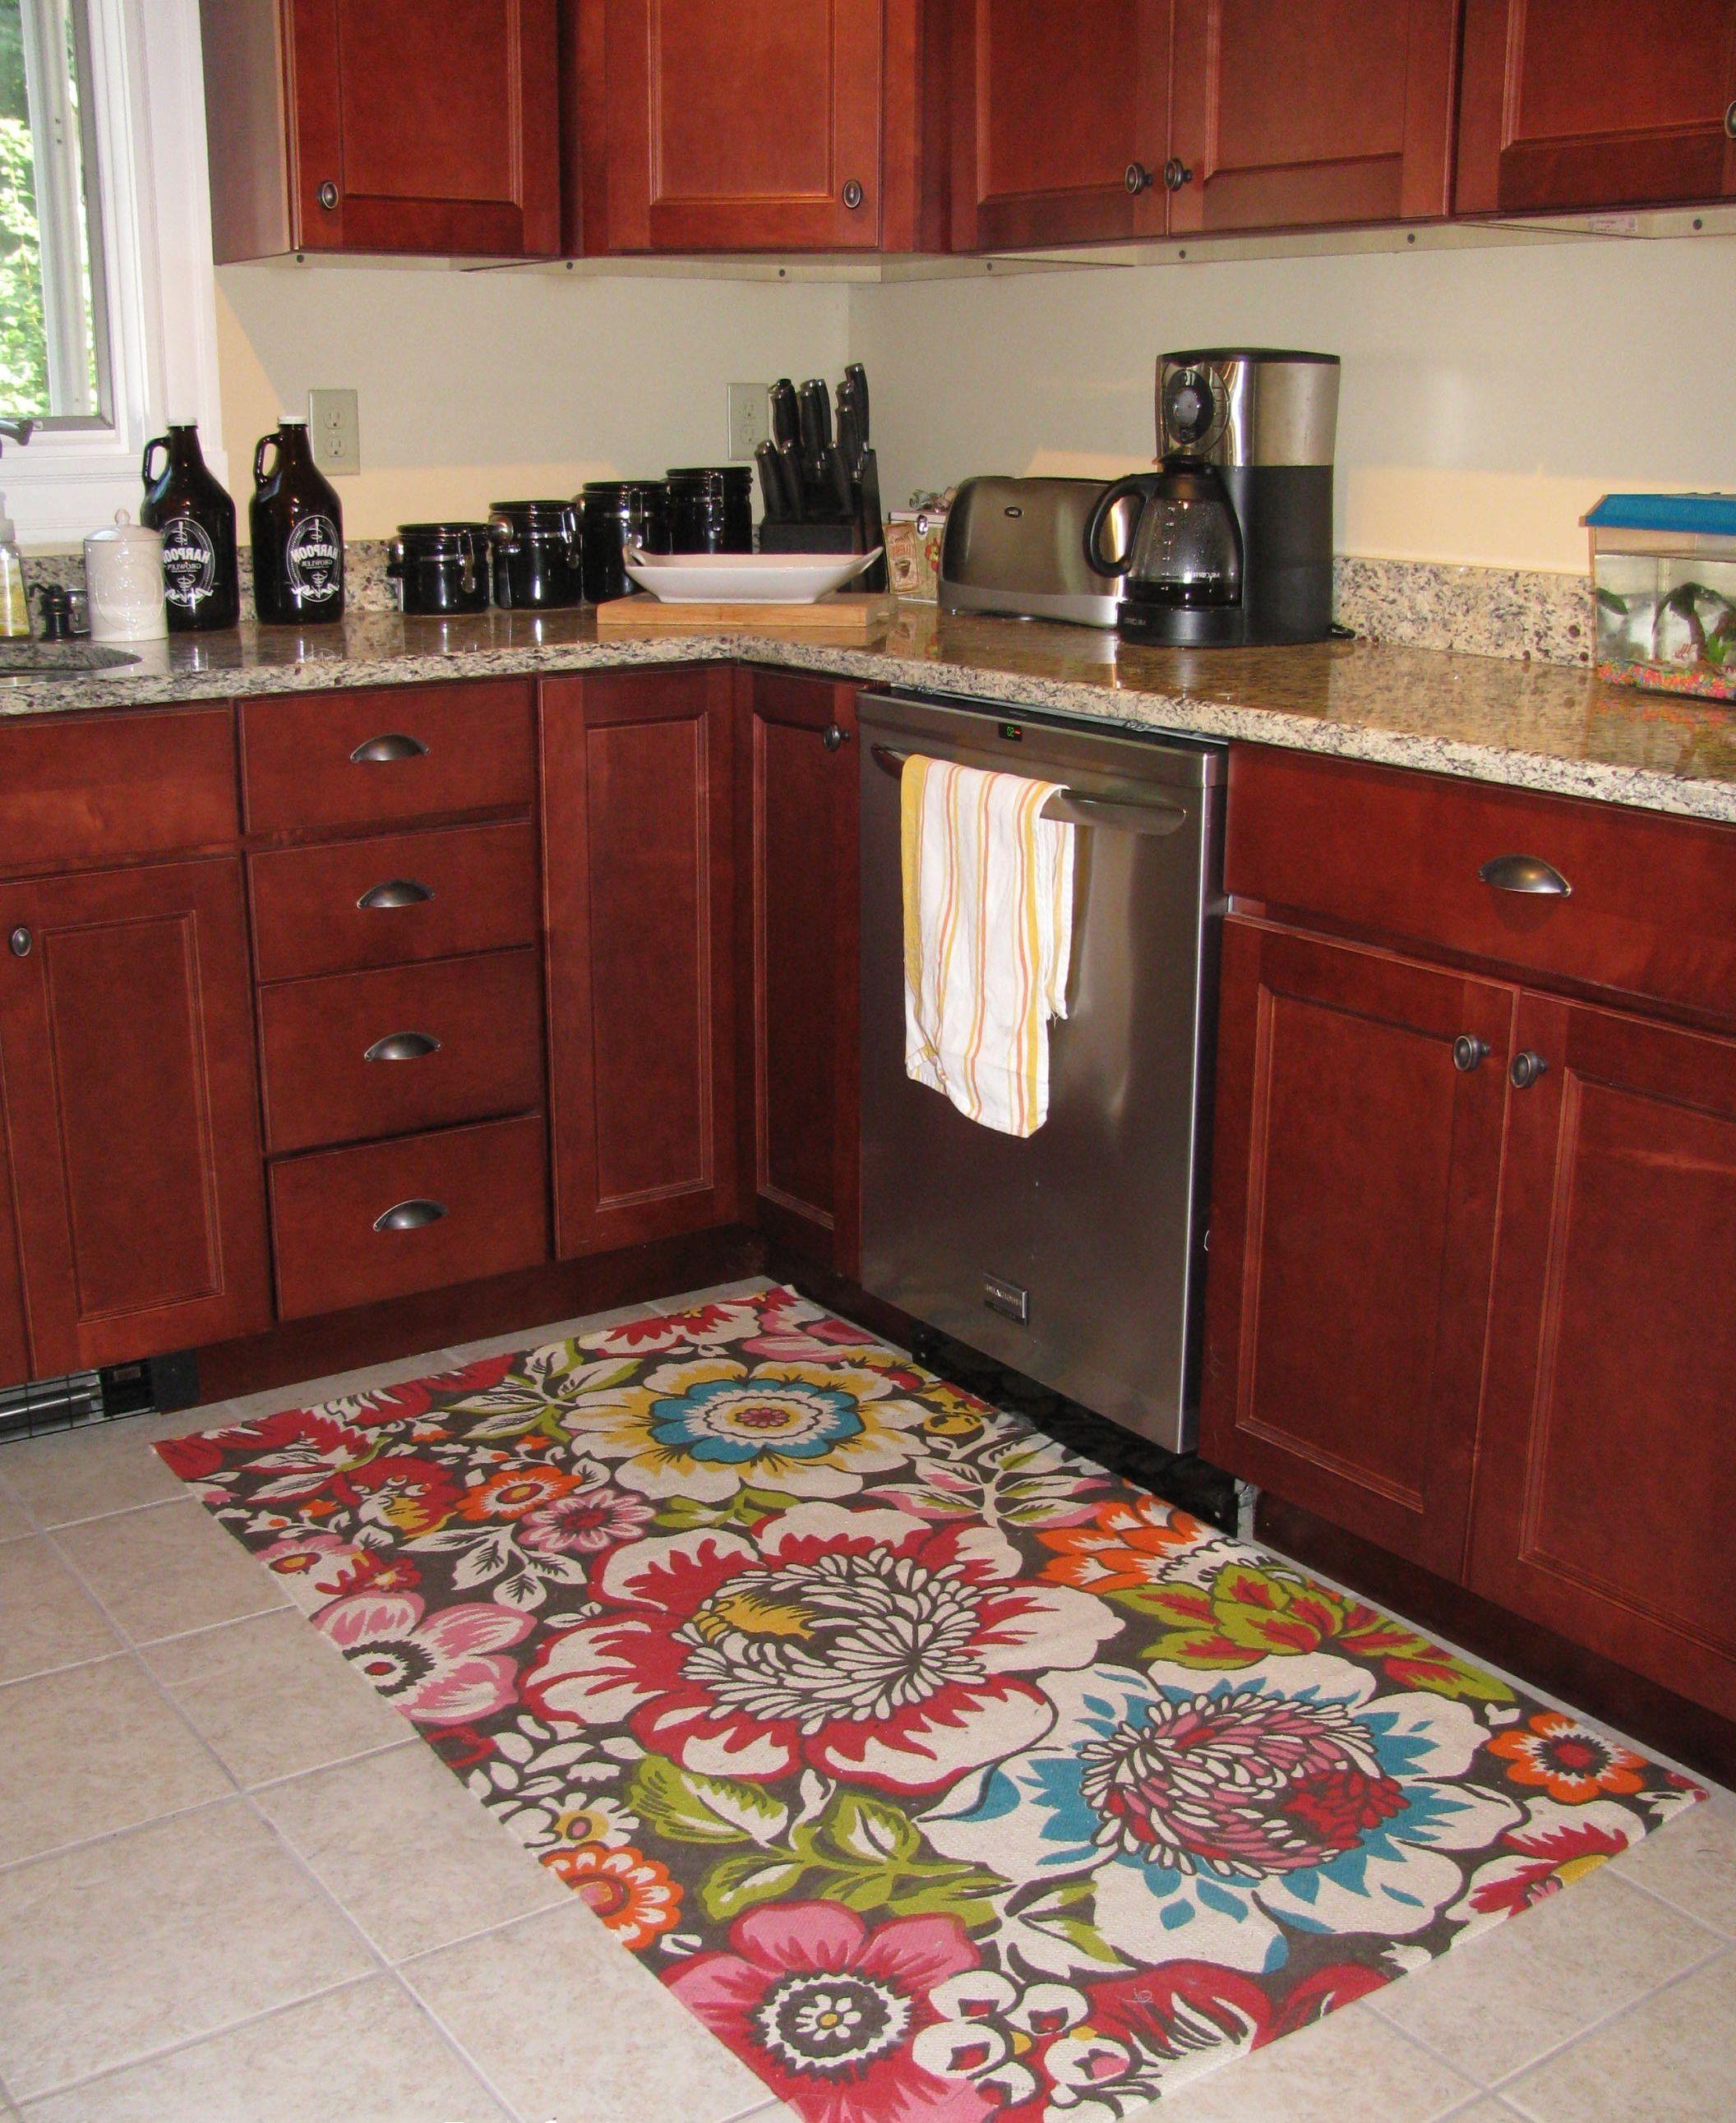 Great Kitchen Floor Mats | http://web4top.com/ | Pinterest | Kitchen ...